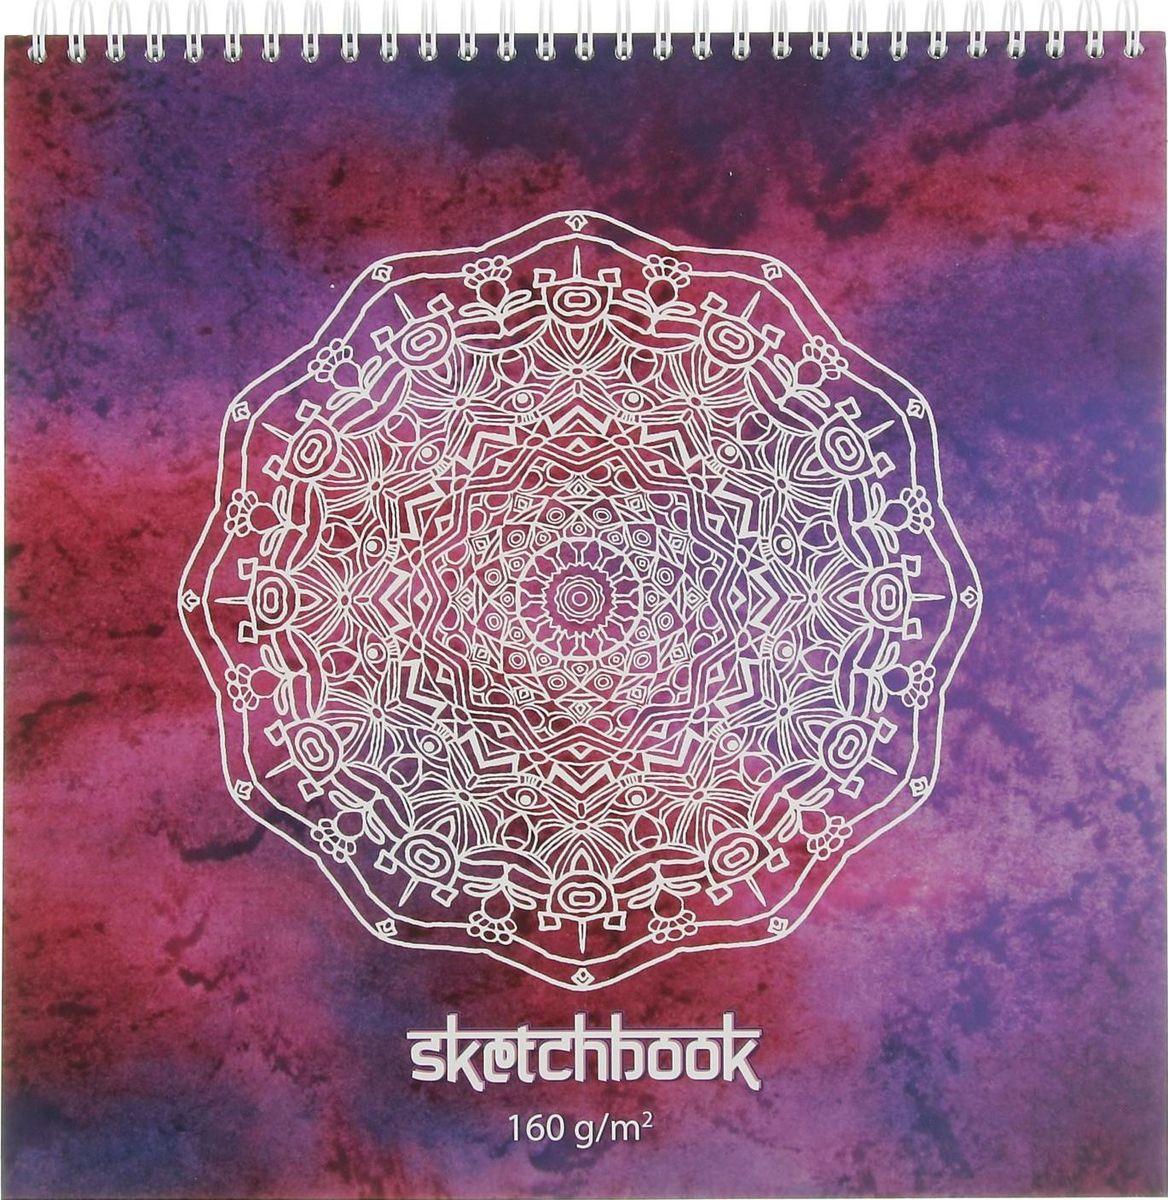 Полином Бумага для эскизов Sketchbook 60 листов цвет фиолетовый белый2333515Бумага для эскизов Sketchbook предназначена специально для создания эскизных рисунков. Плотная бумага не просвечивает и позволяет неоднократно изменять рисунок, не теряя свои качества.